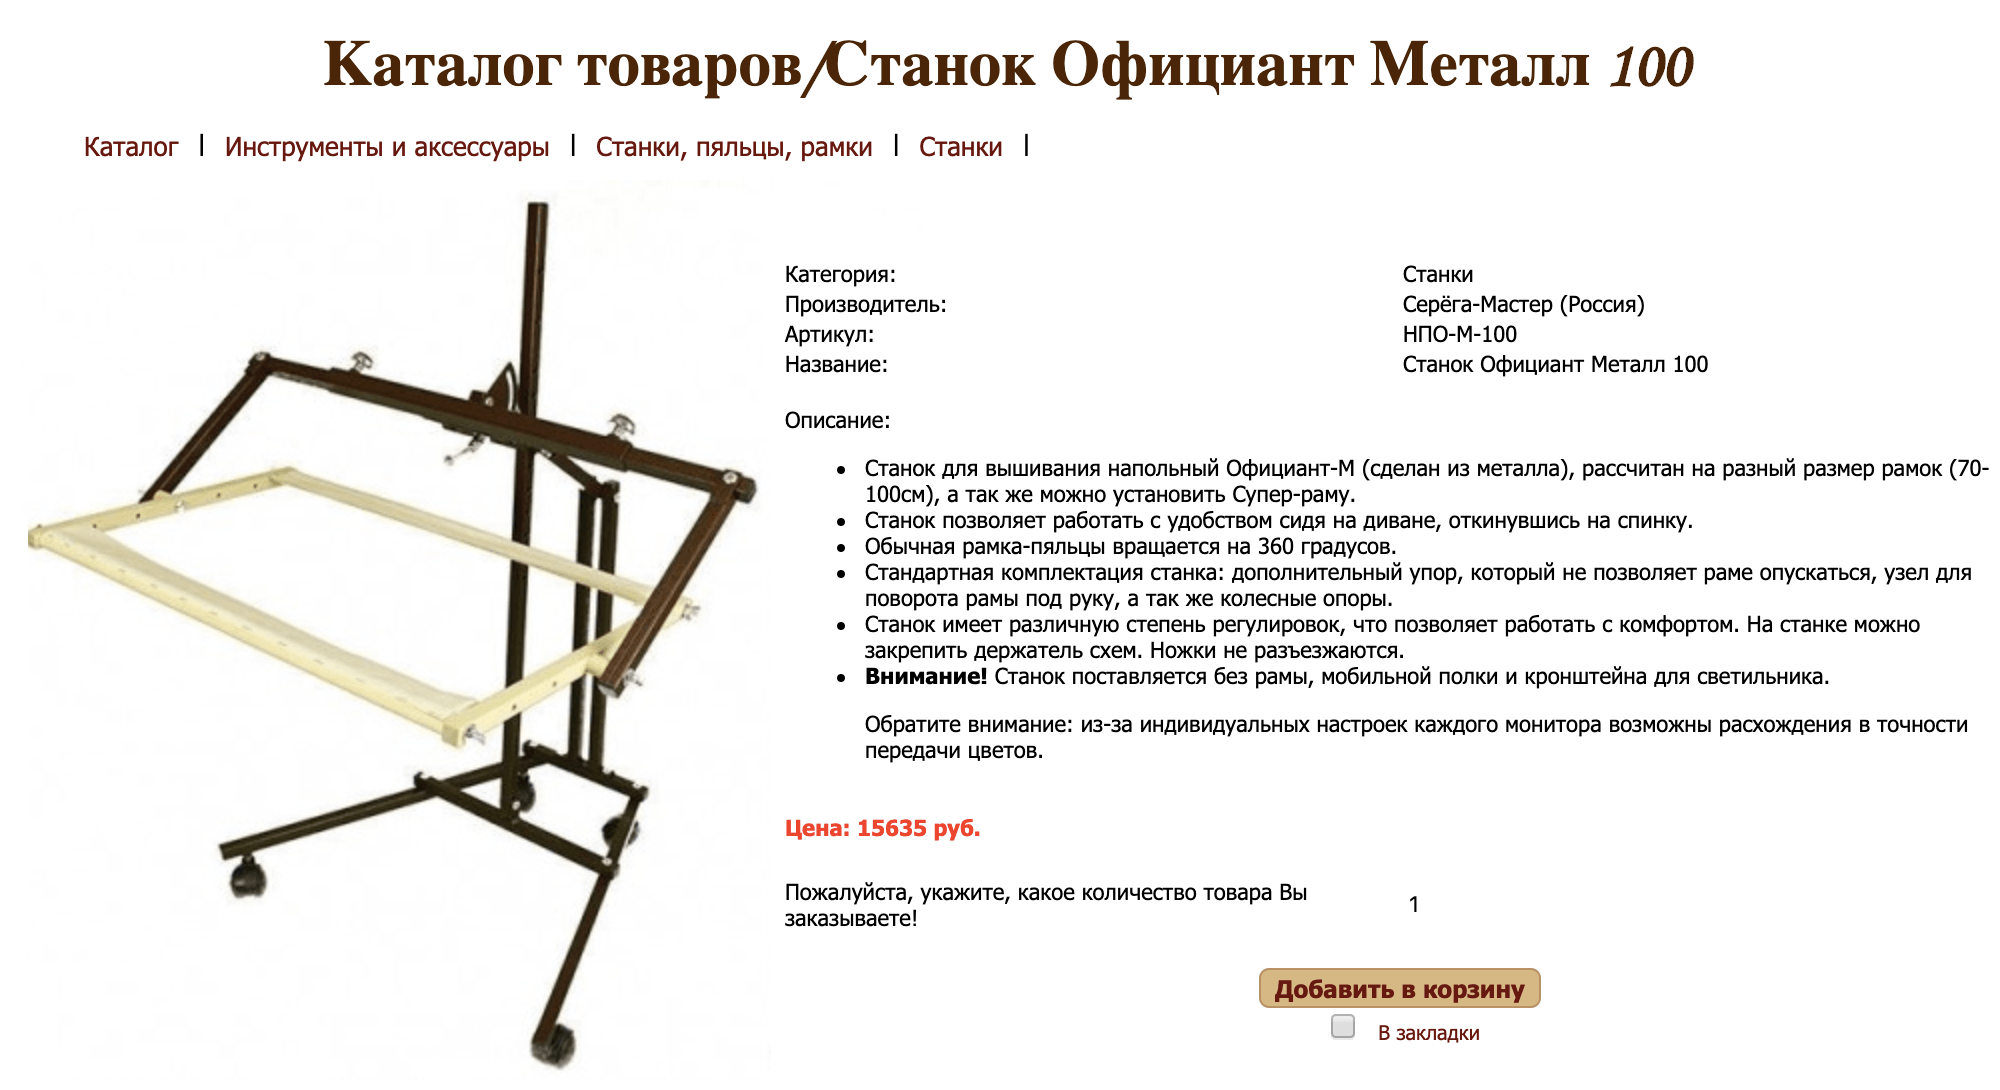 Металлический напольный станок для&nbsp;вышивки — 15 635&nbsp;<span class=ruble>Р</span>. Удобно, но&nbsp;дорого и&nbsp;займет половину комнаты